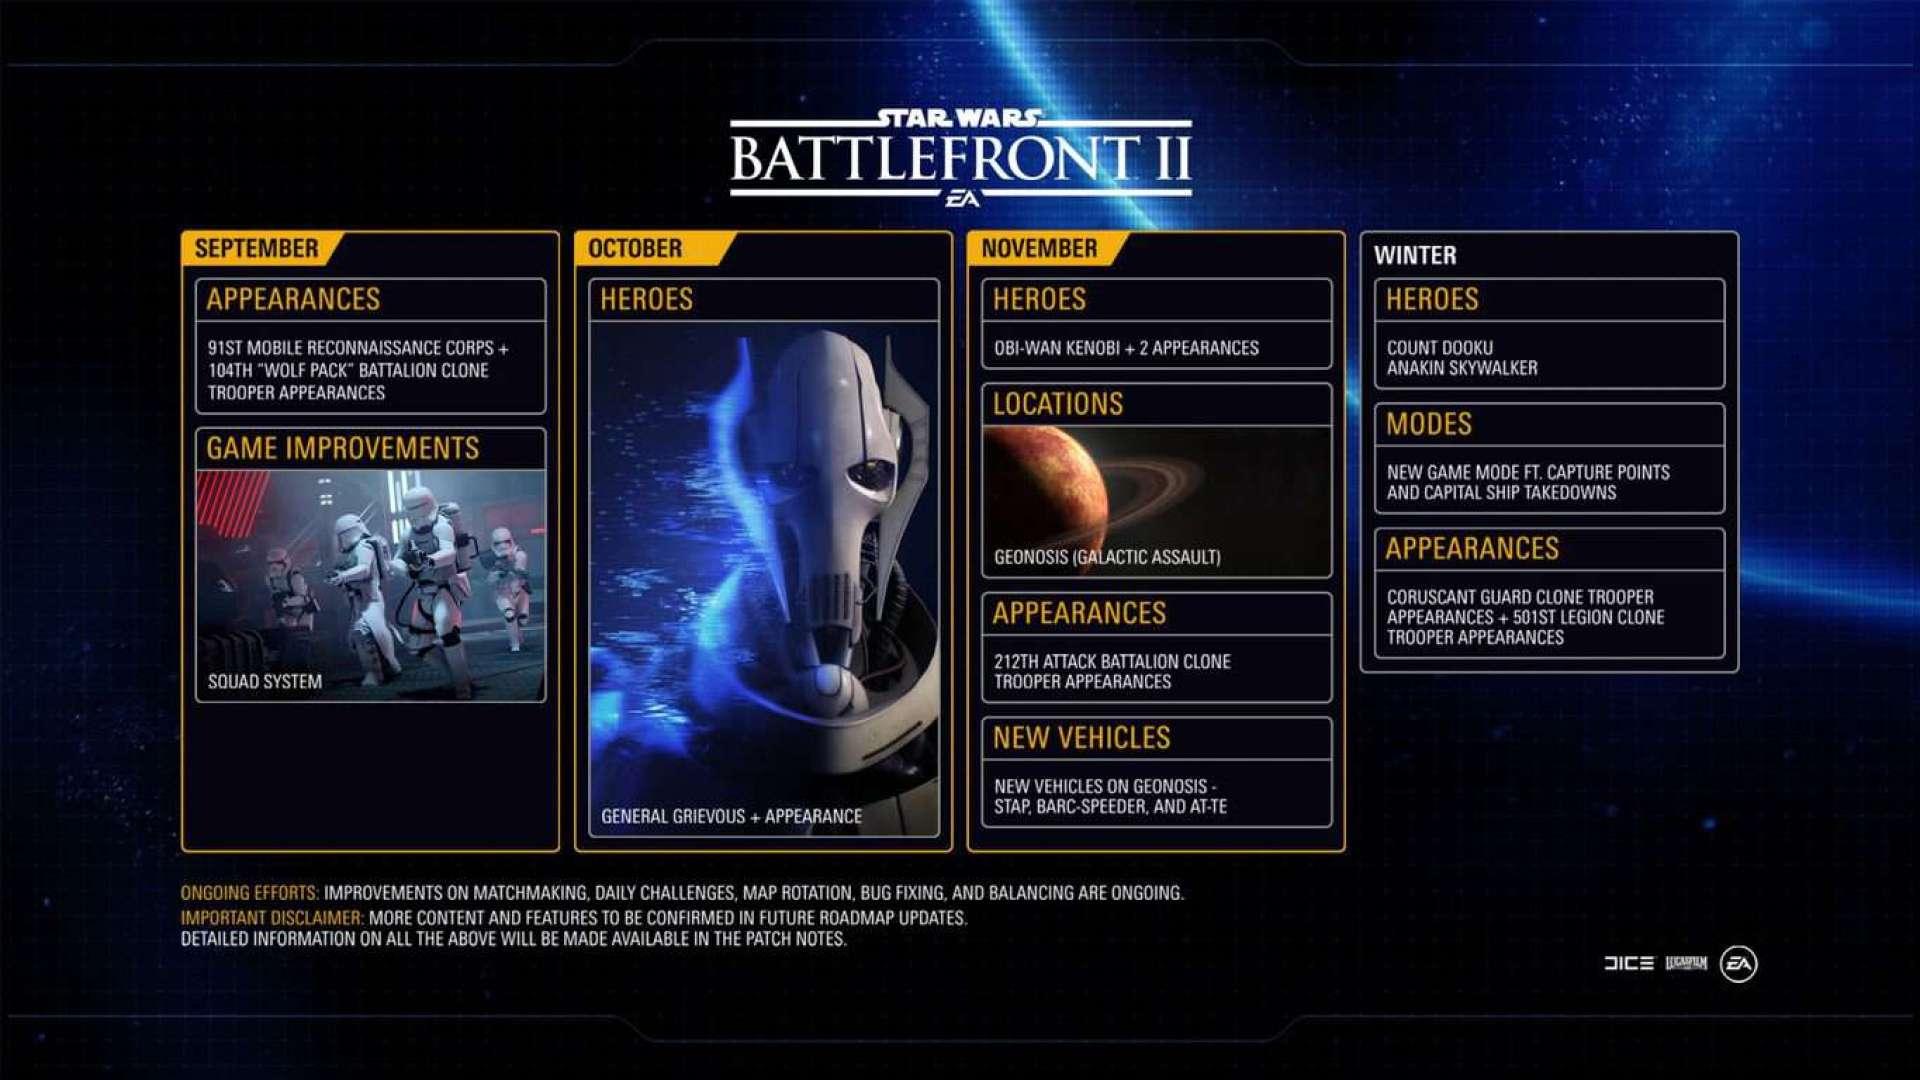 Star Wars Battlefront II roadmap